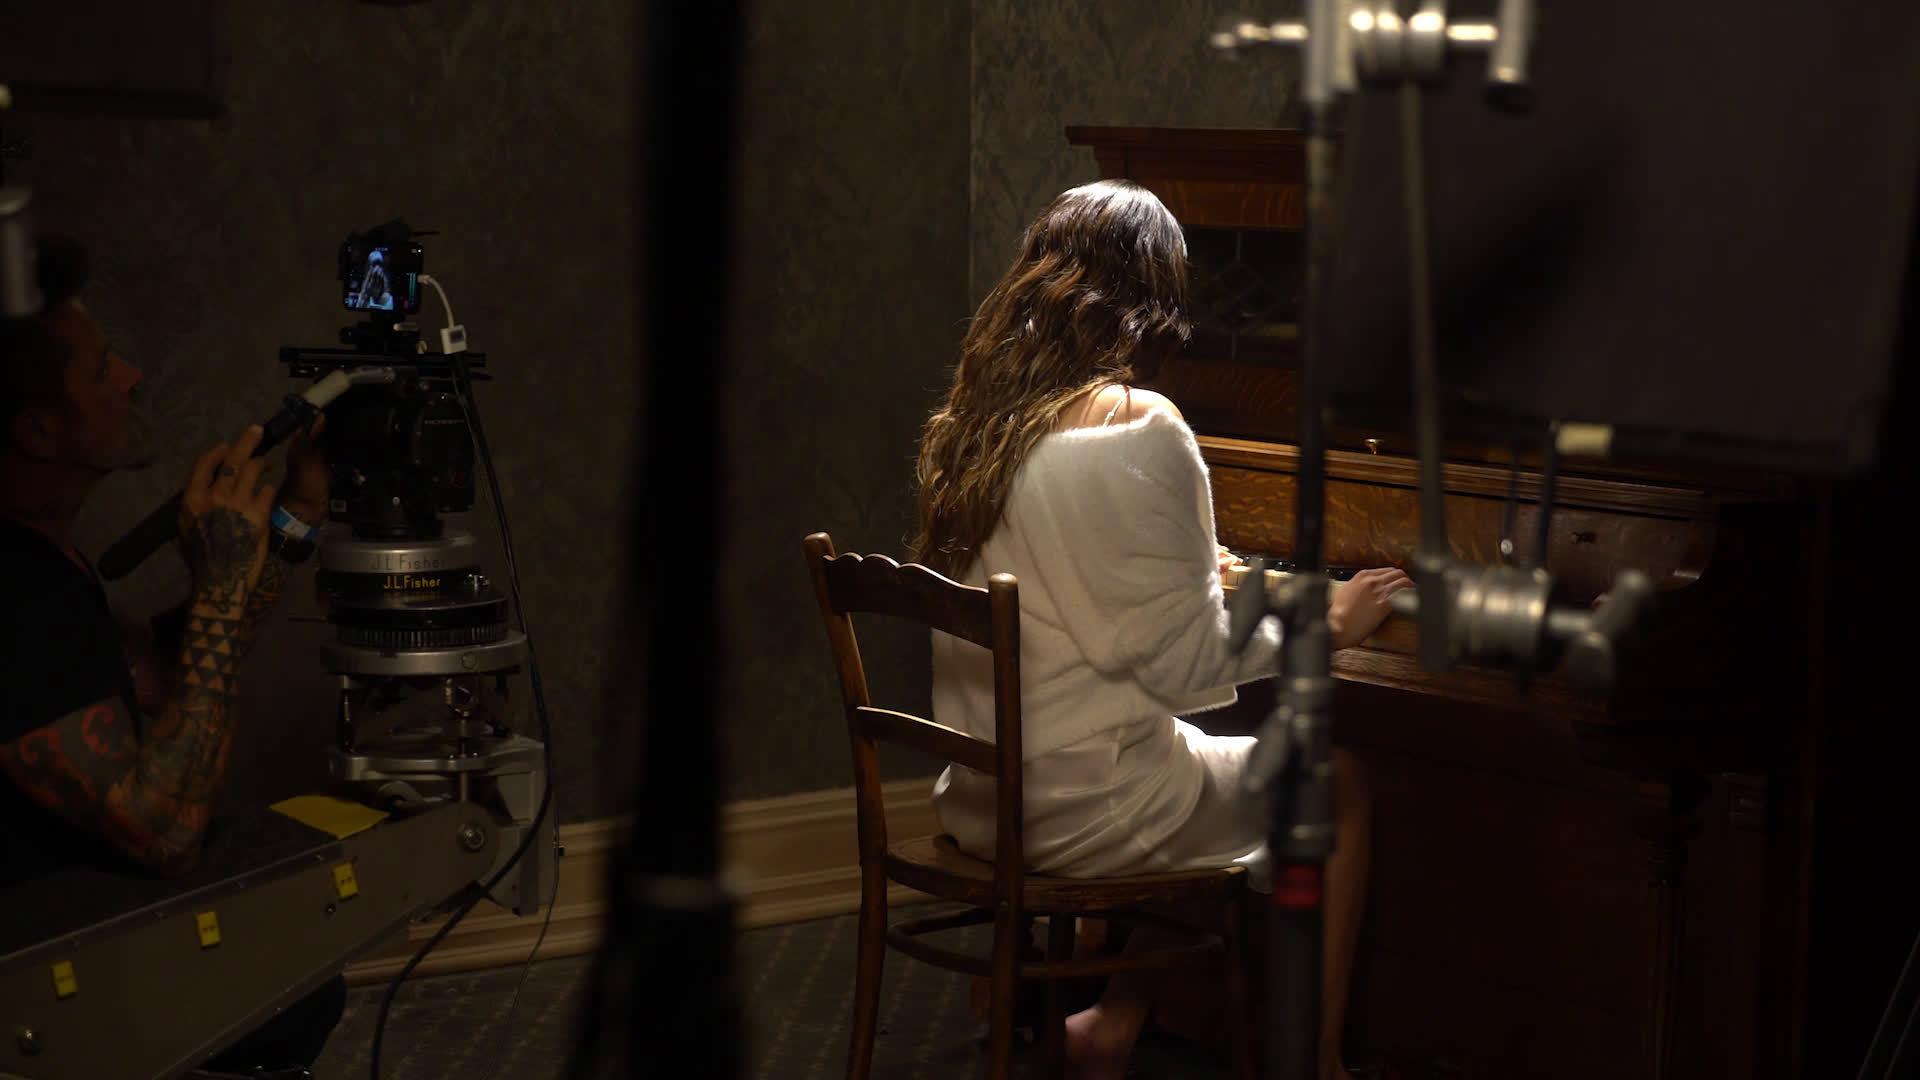 赛琳娜·戈麦斯今天发布了新歌《Lose You To Love Me》的MV